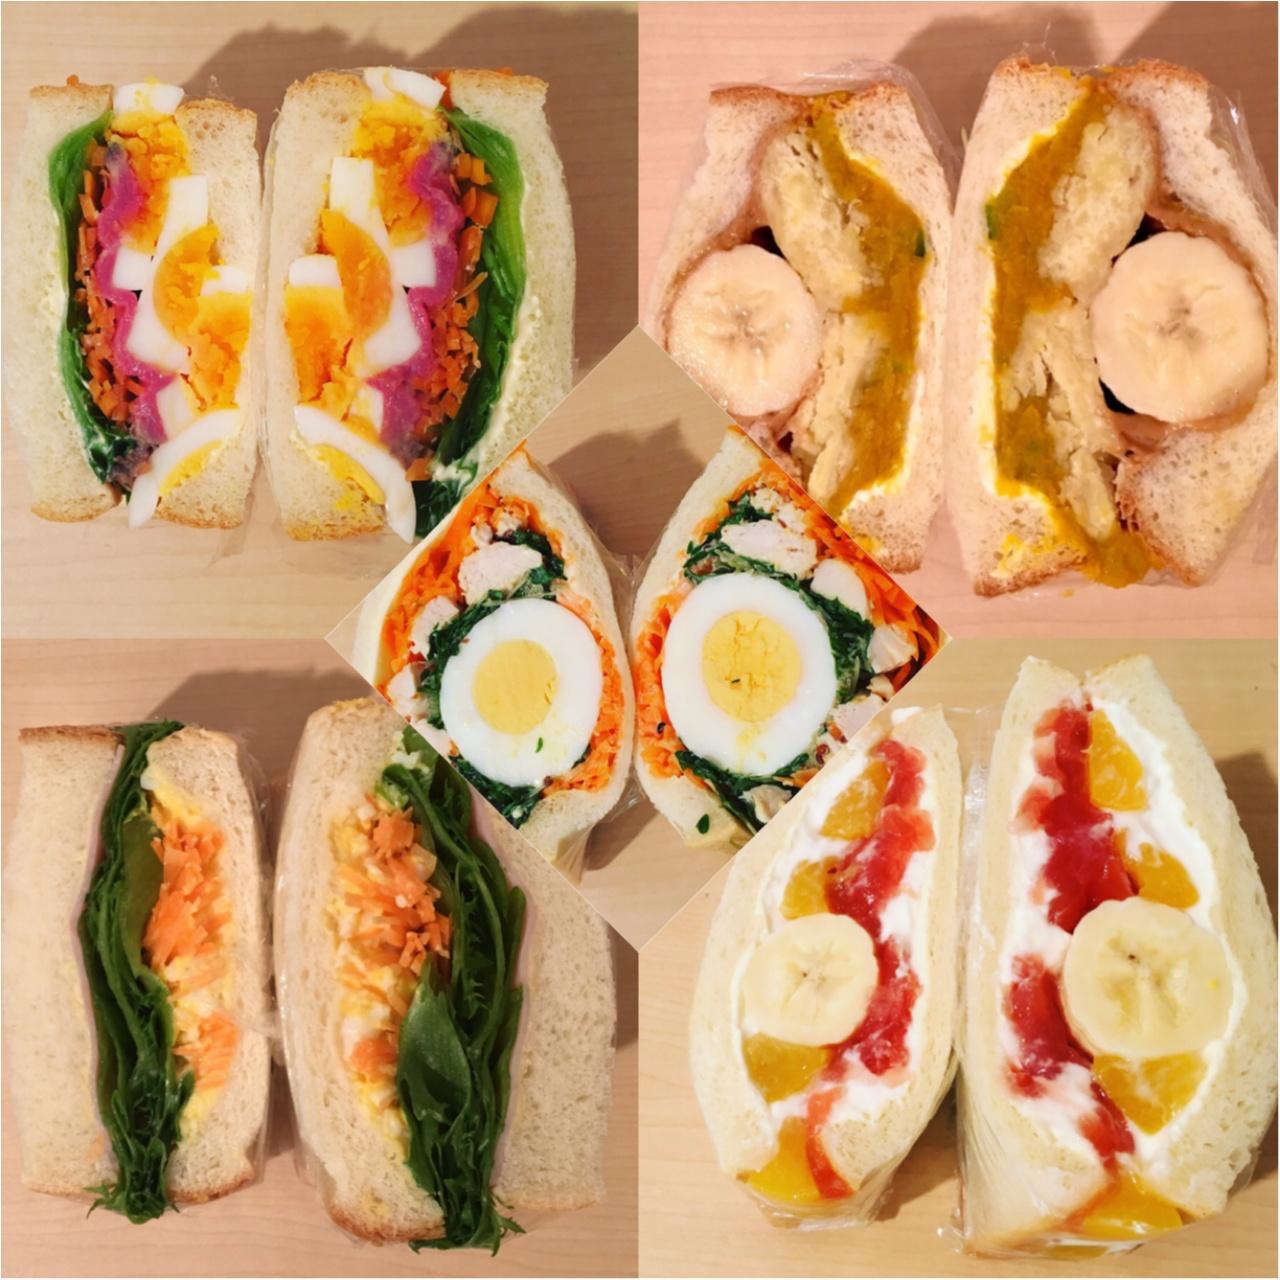 【料理▶︎わんぱくサンド】流行りの「#萌え断」で朝から栄養満点♪私の朝食まとめ☺︎_1